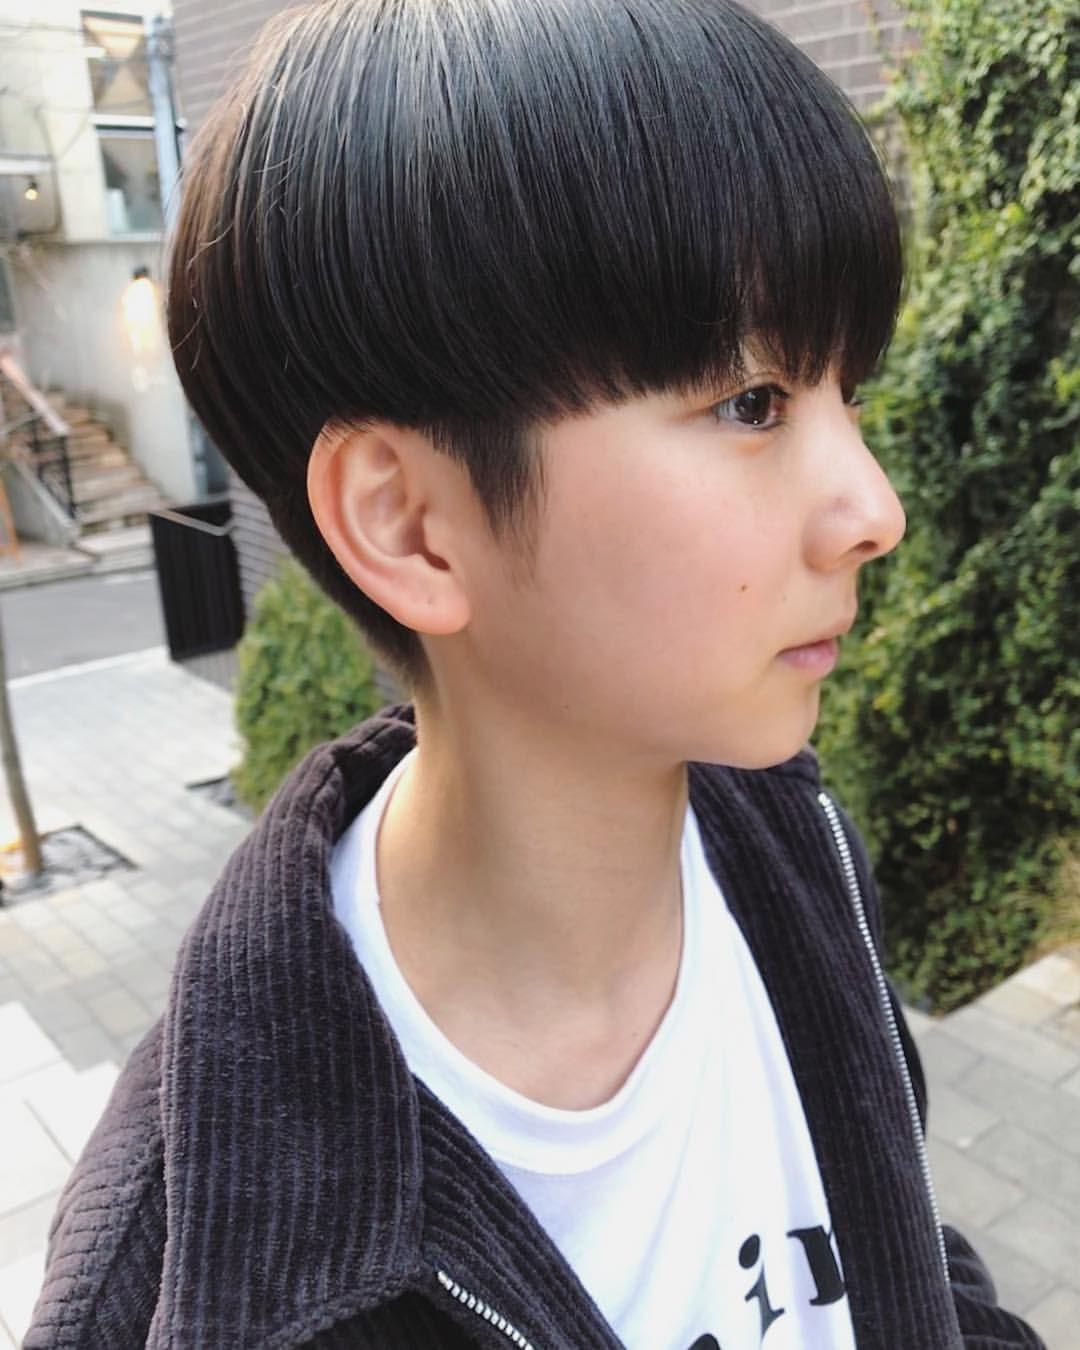 細井 豊さんはinstagramを利用しています Heavens Hair